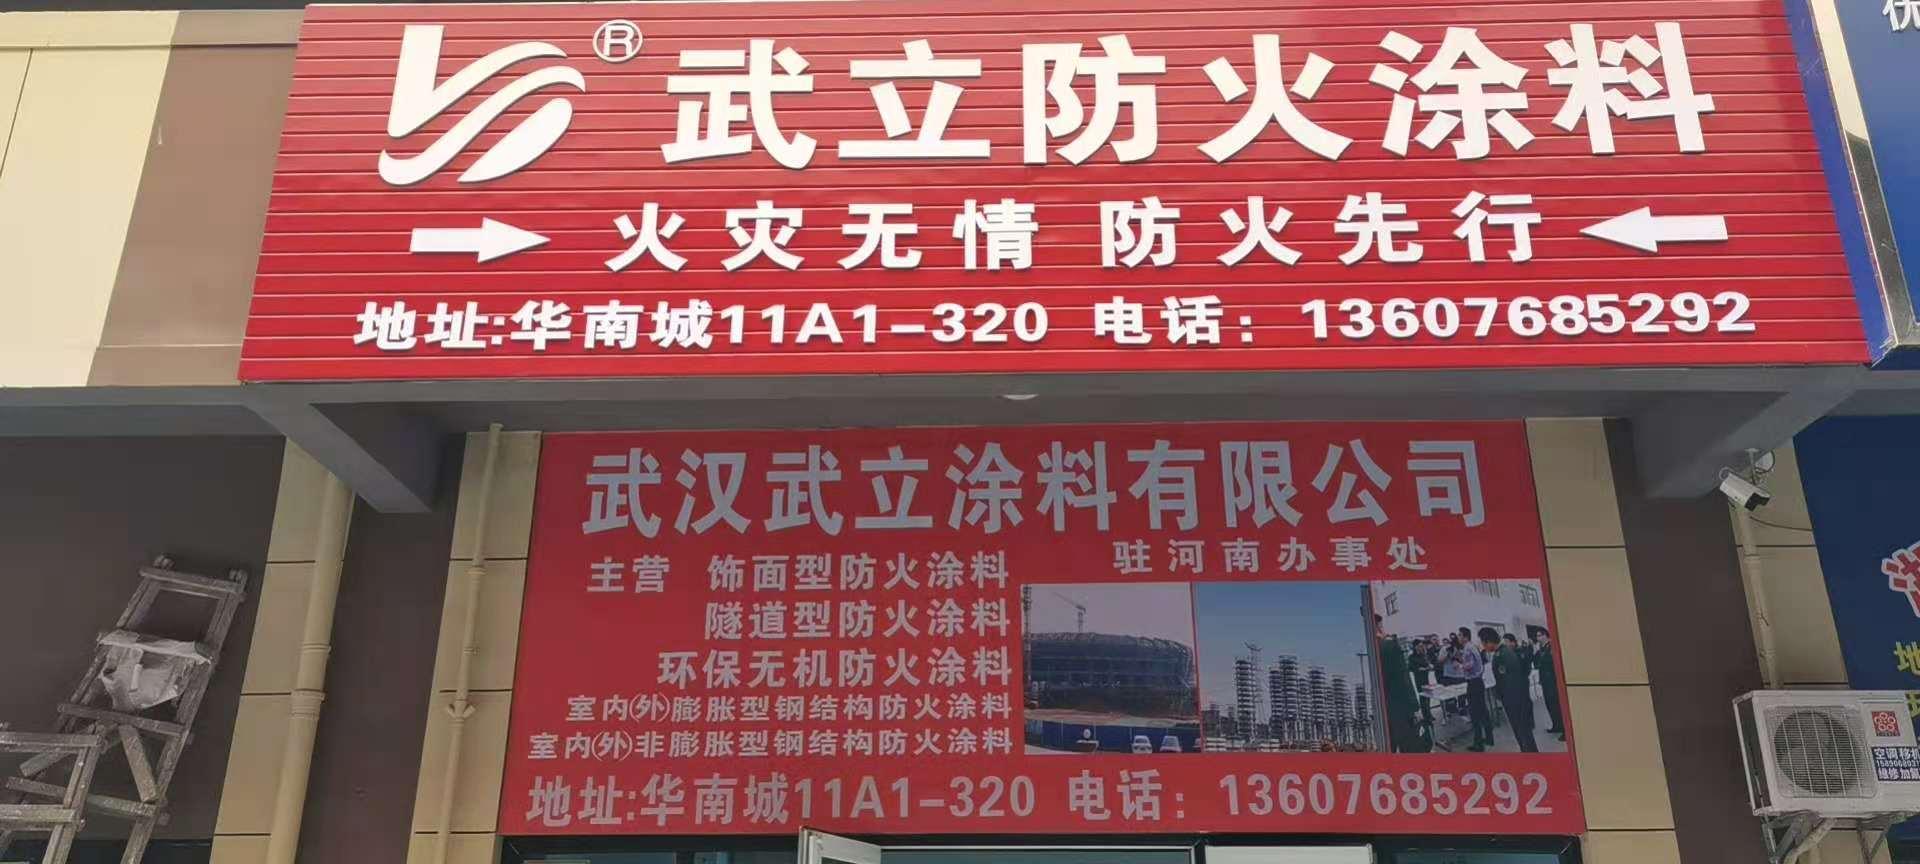 郑州防火涂料厂